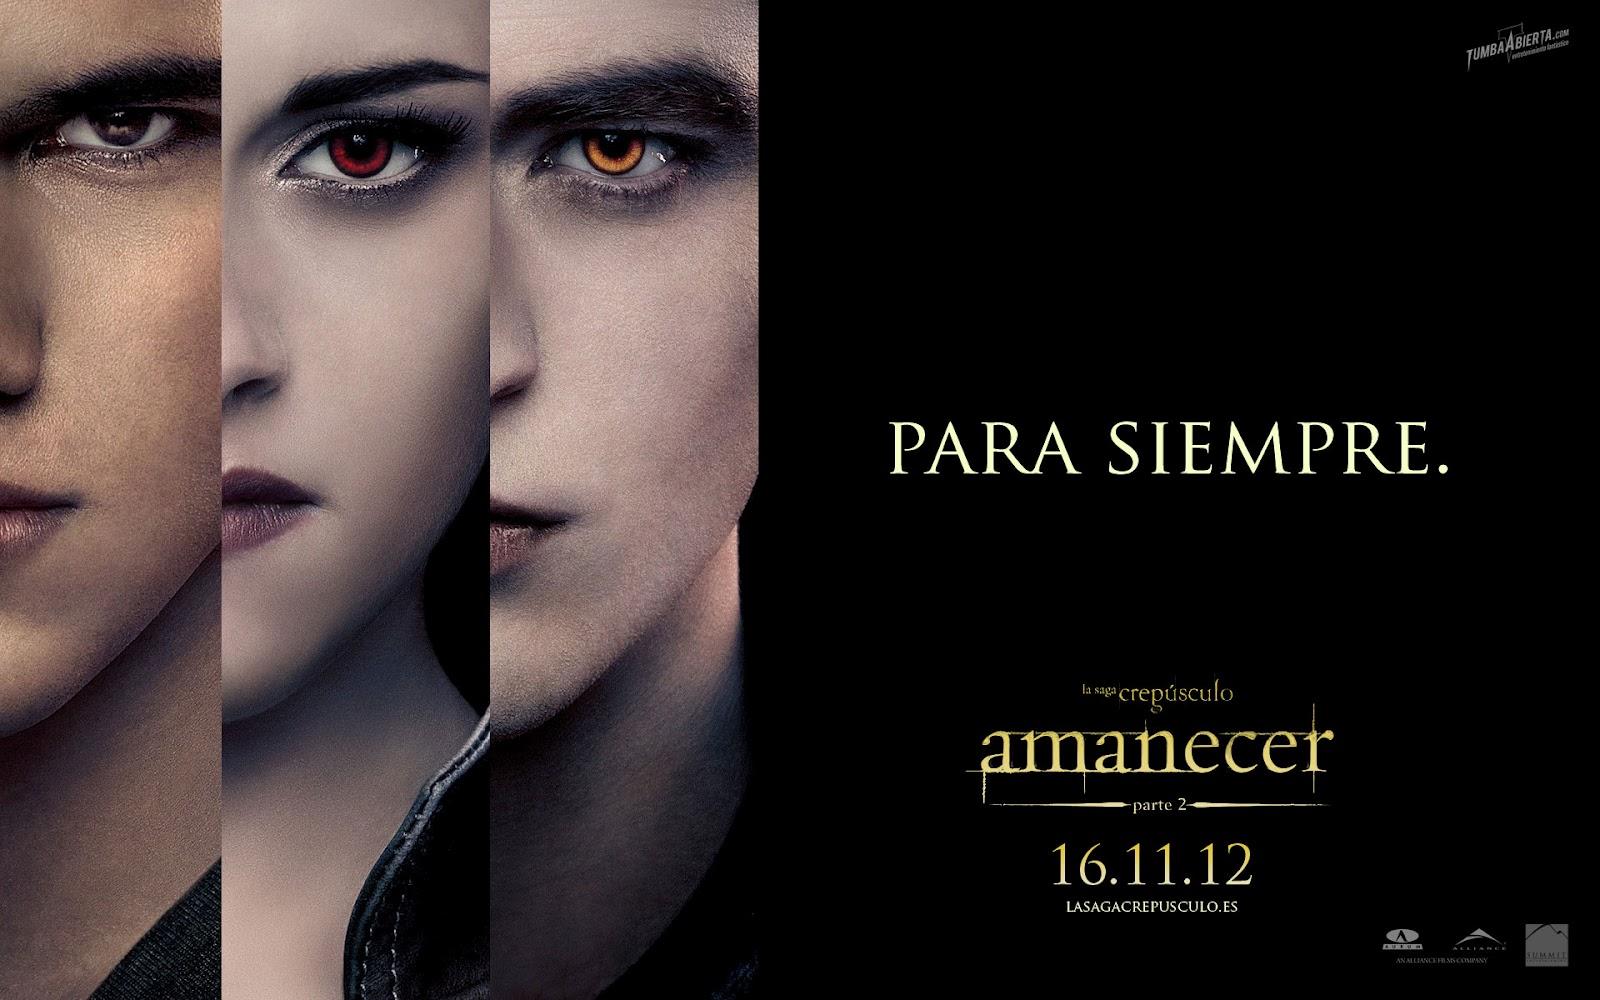 GALERÍA: Amanecer II (fotos) - Página 2 Wallpaper_hd_amanecer_parte2_1920x1200_trio